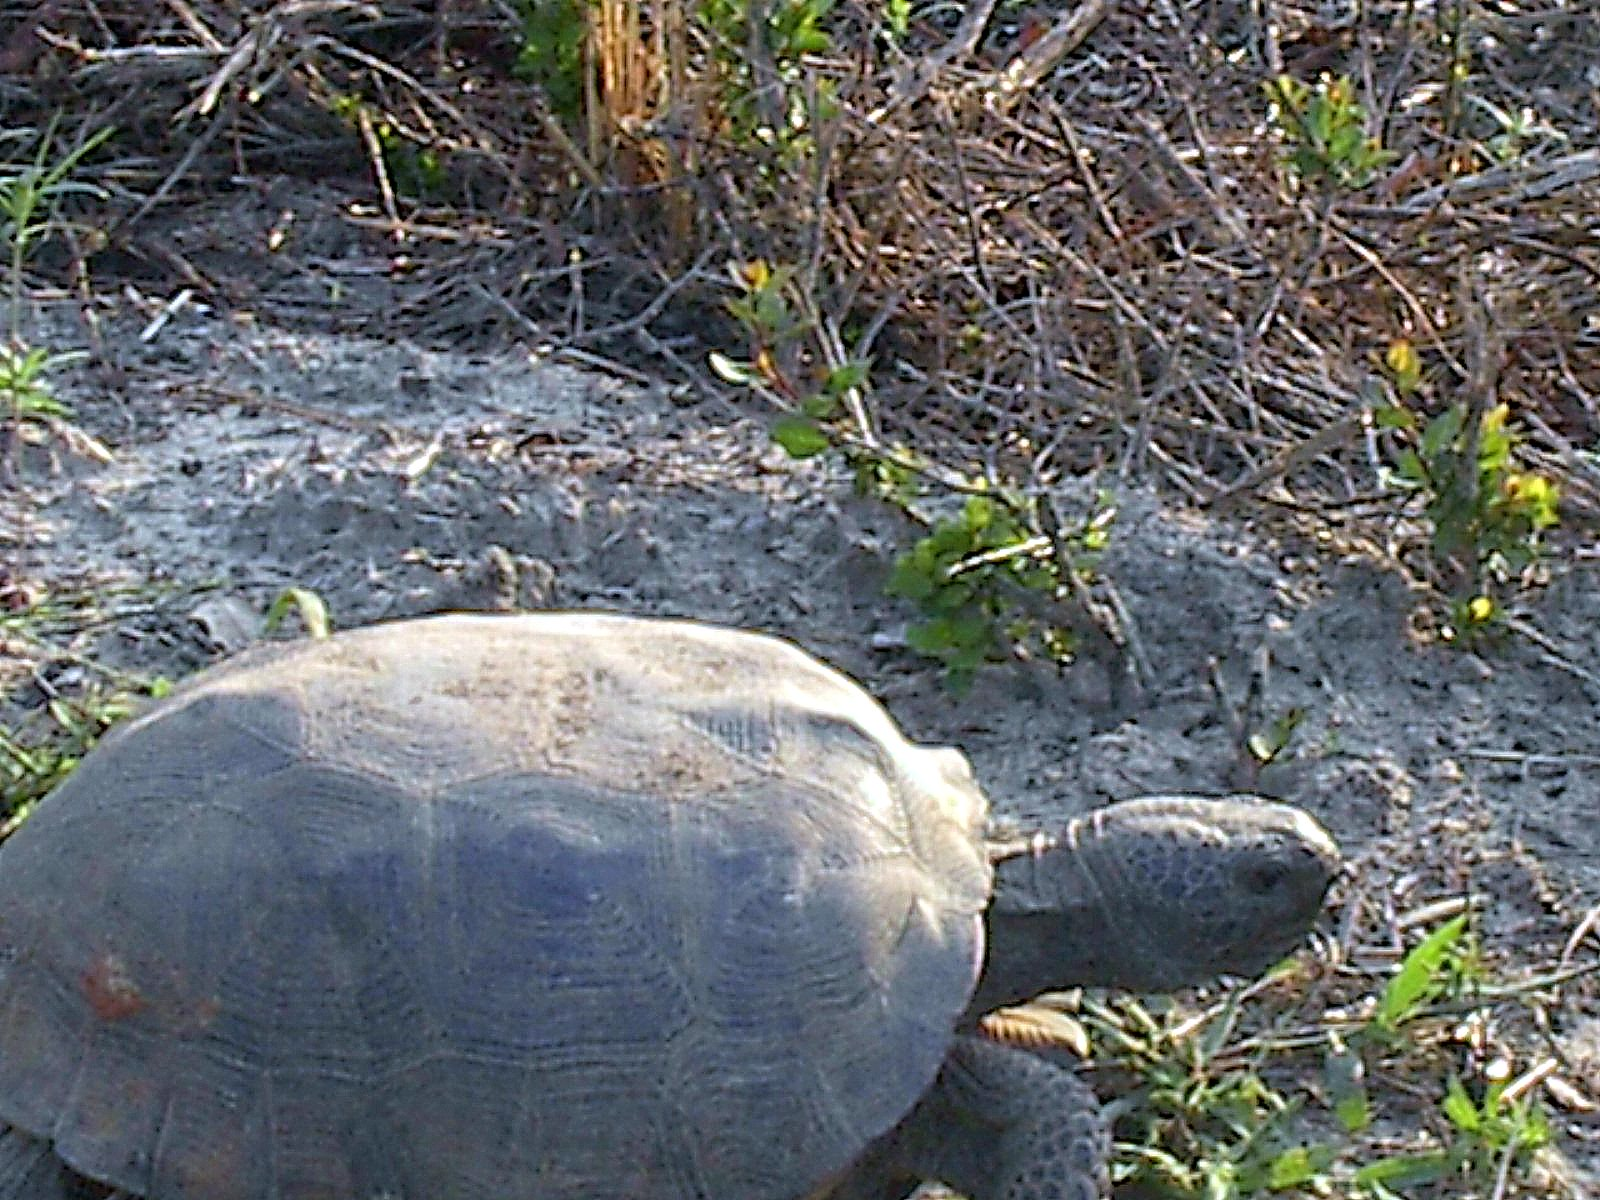 gopher tortoise 2004 - 2